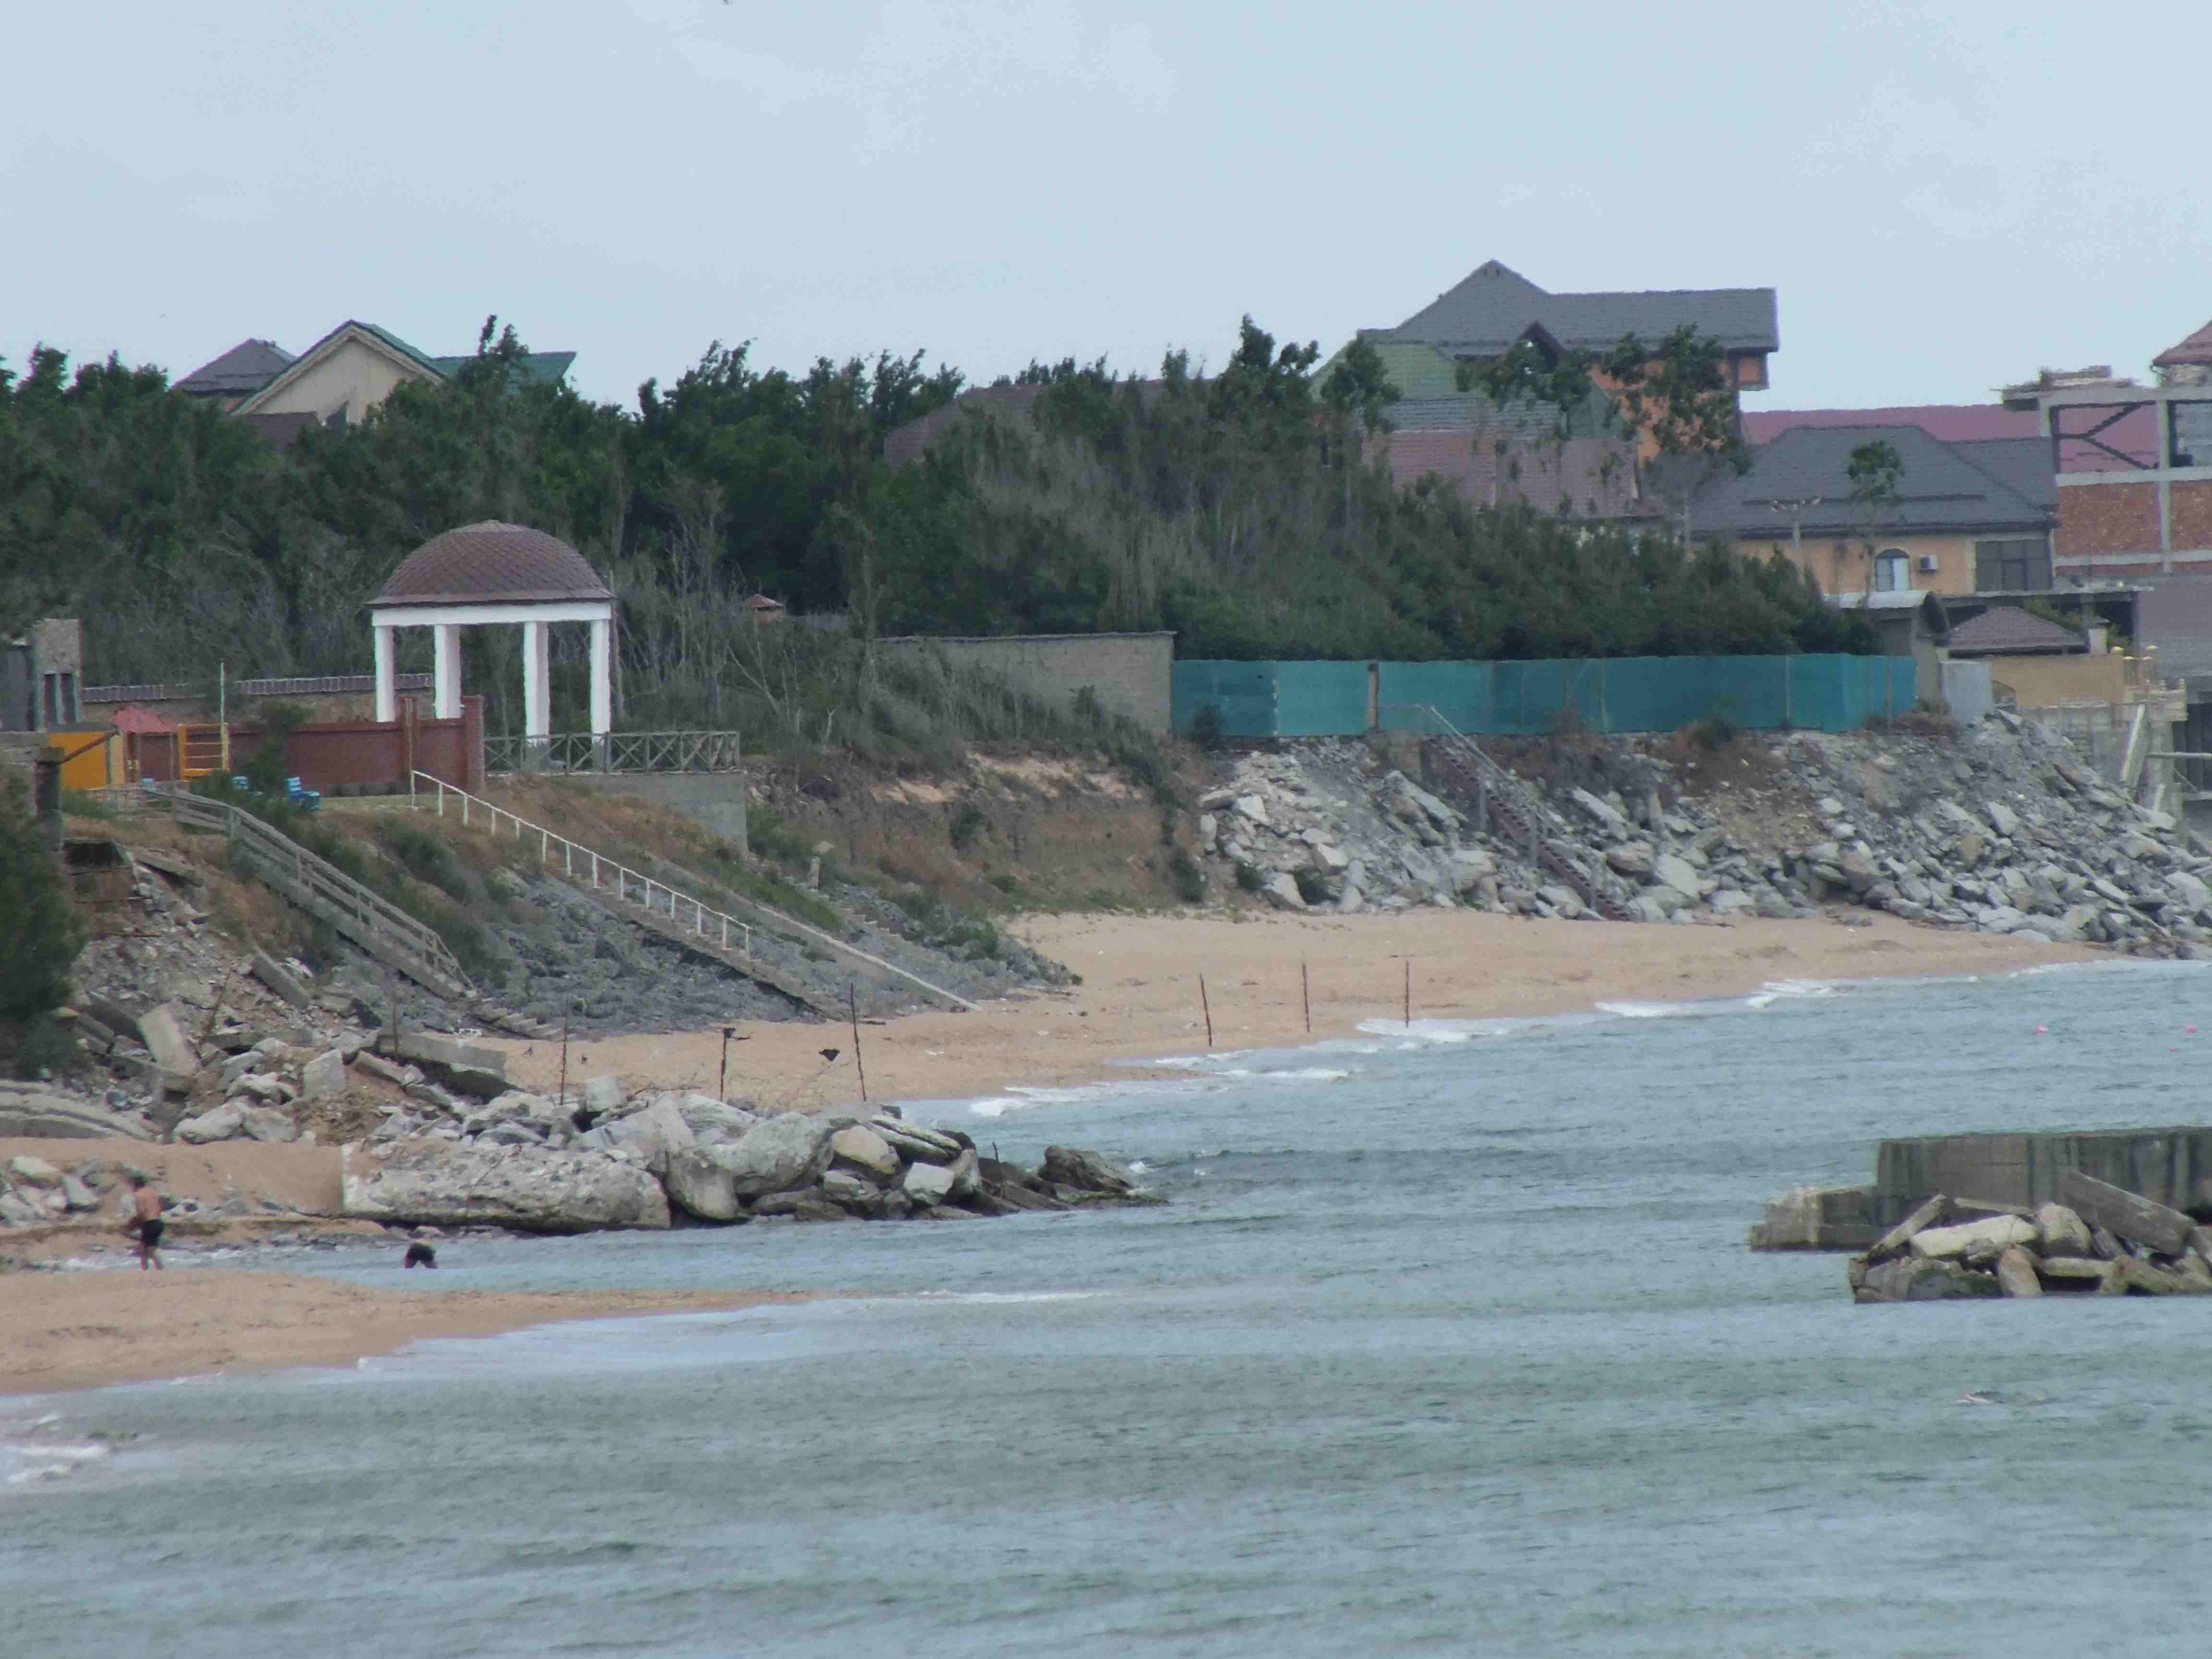 Когда Прокуратура обеспечит жителям и гостям Махачкалы свободный доступ к морскому берегу?